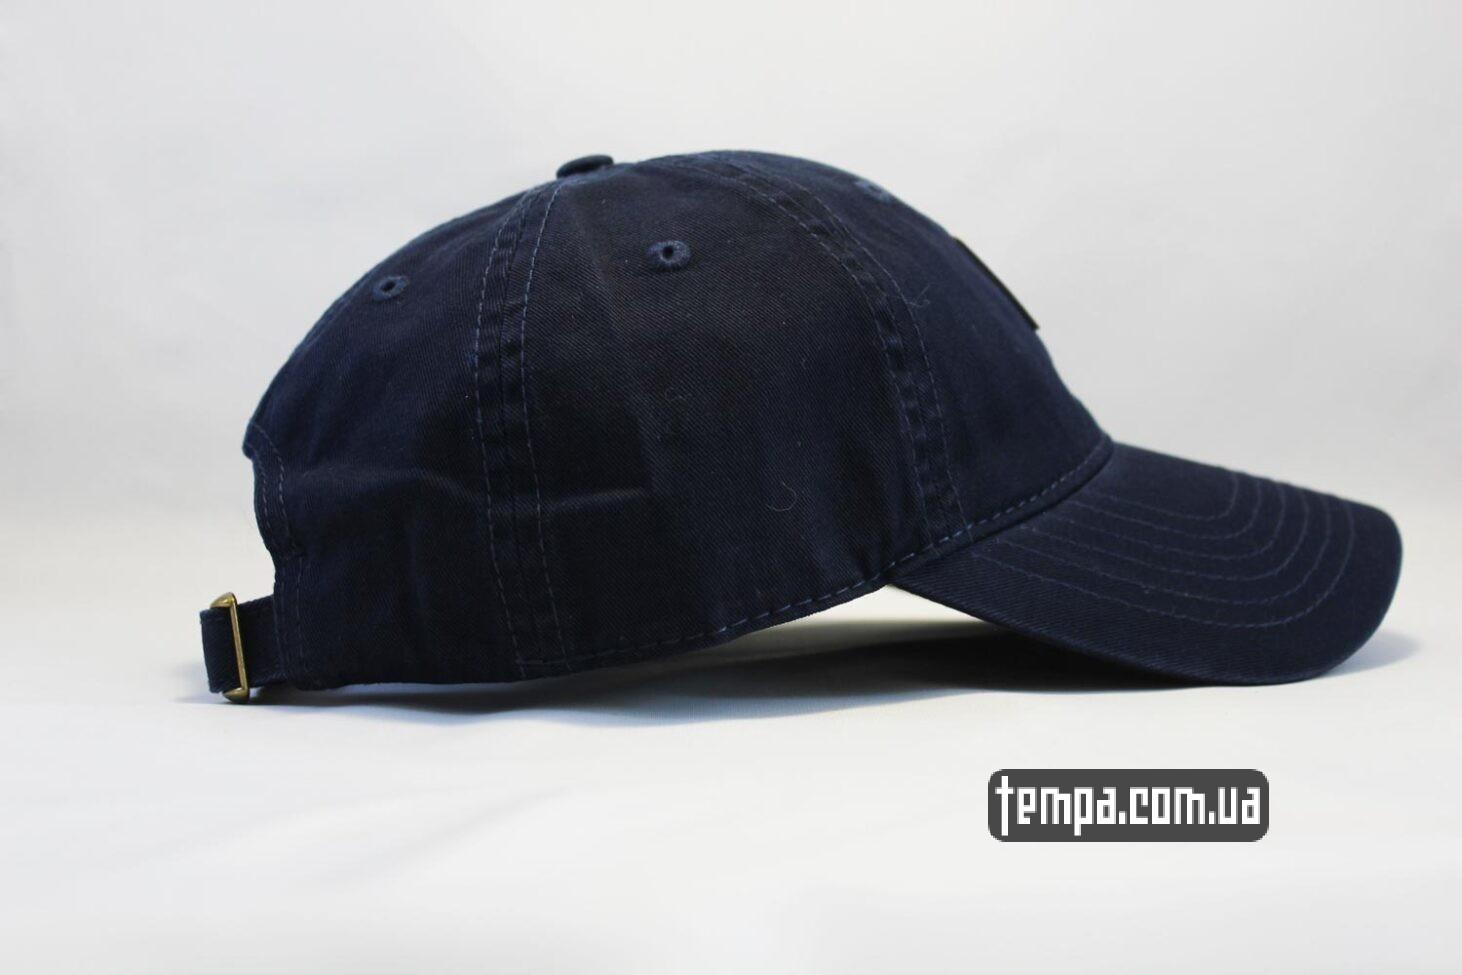 карахарт украина кепка бейсболка Carhartt синяя кожаный логотип